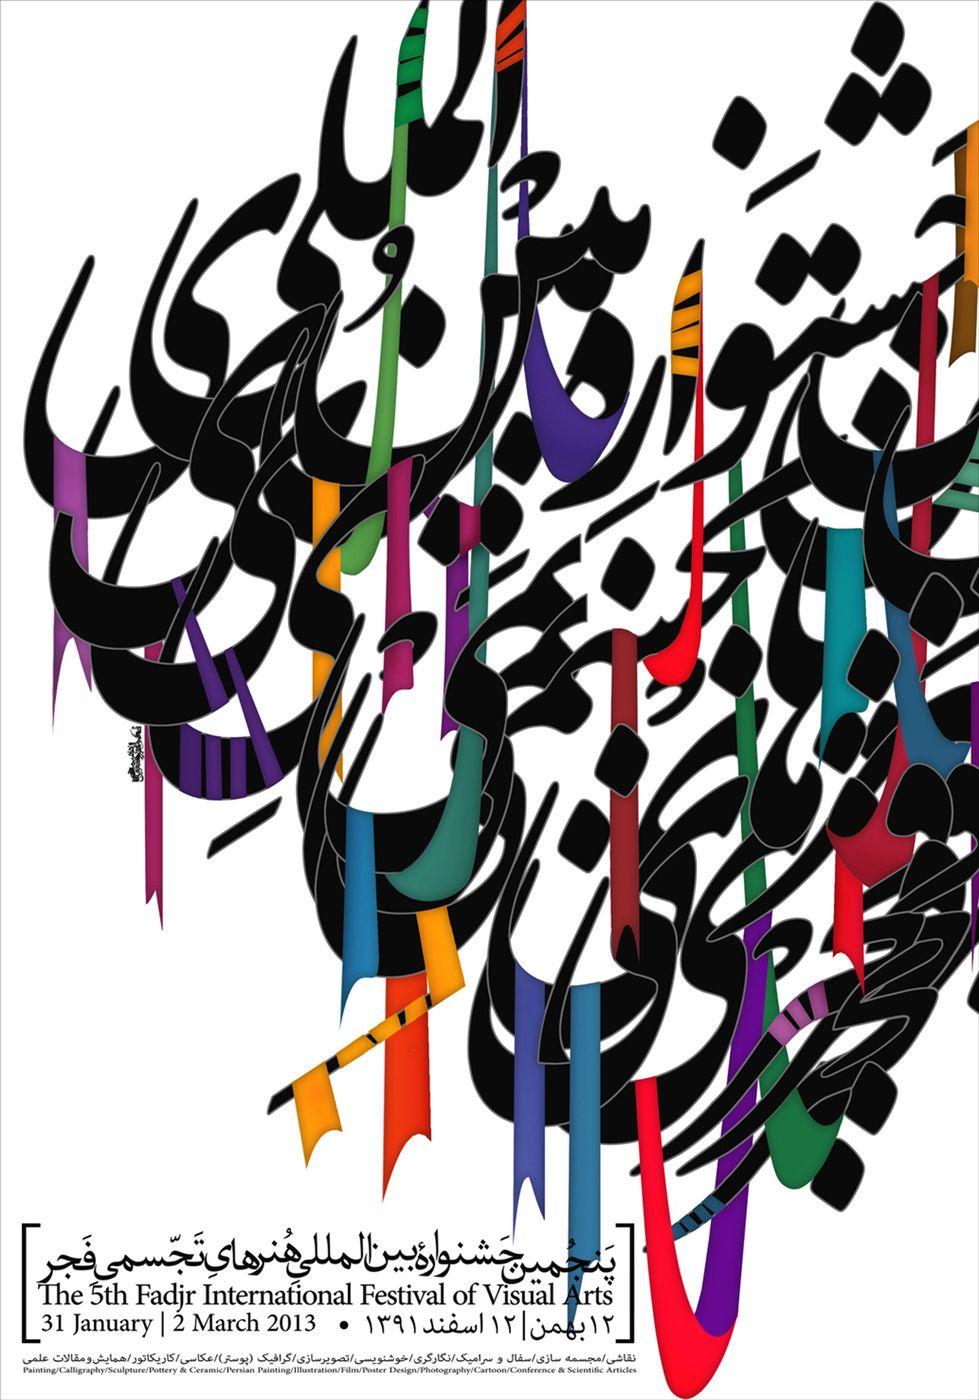 에브라힘의 poustinchi - 오타 / 그래픽 포스터